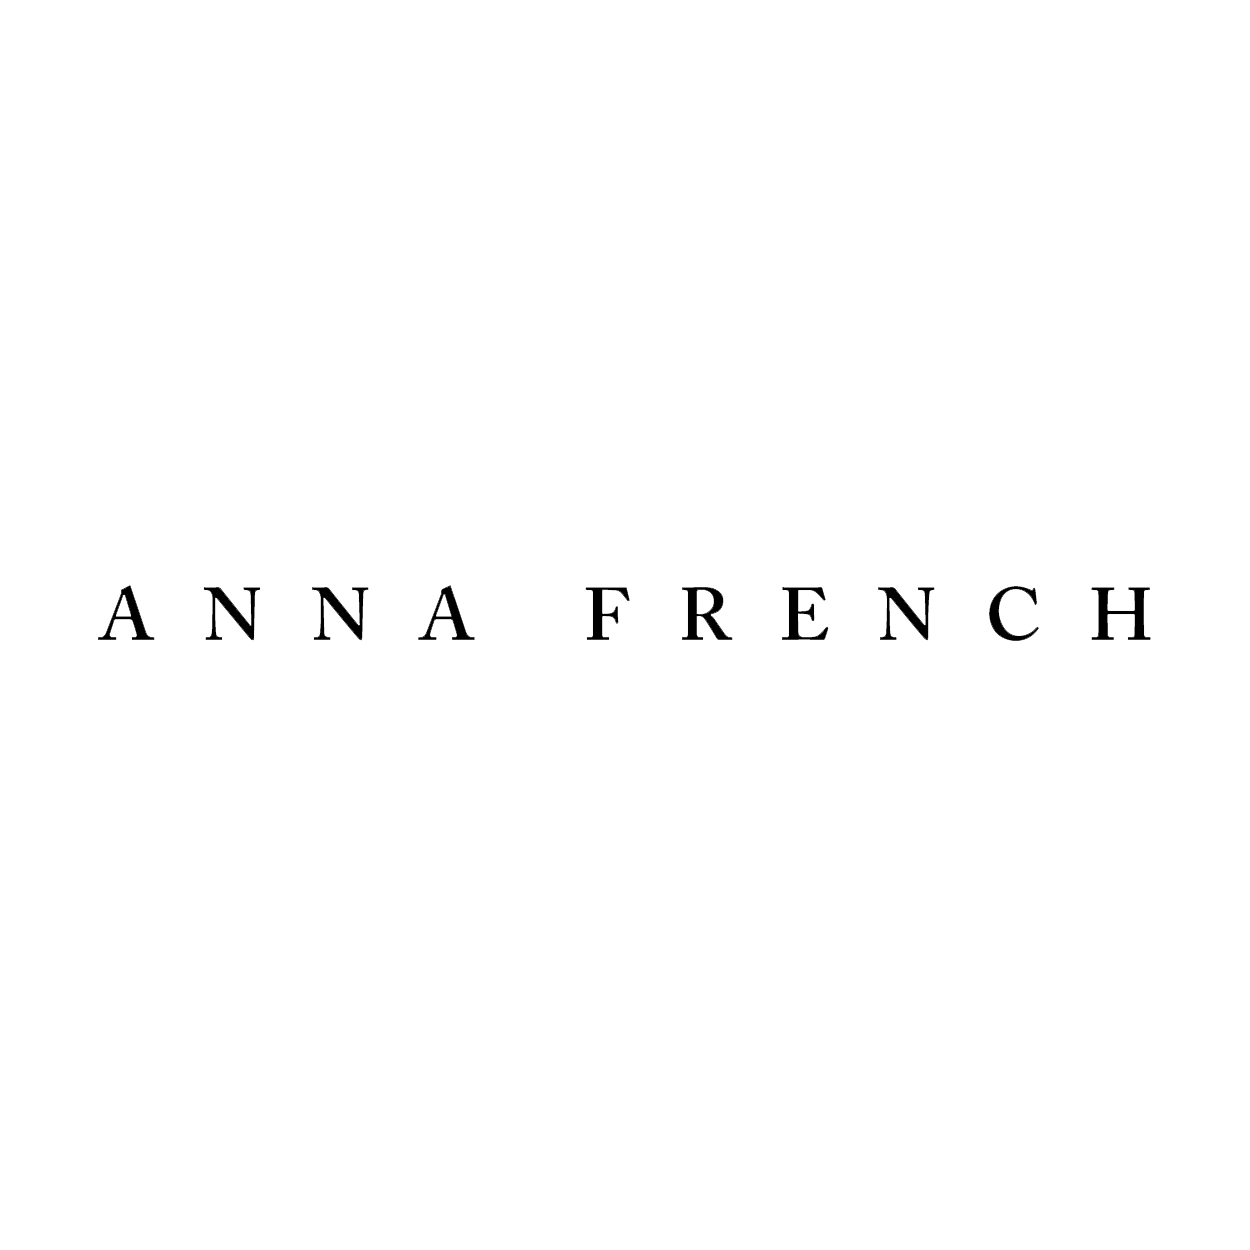 logo_annafrench